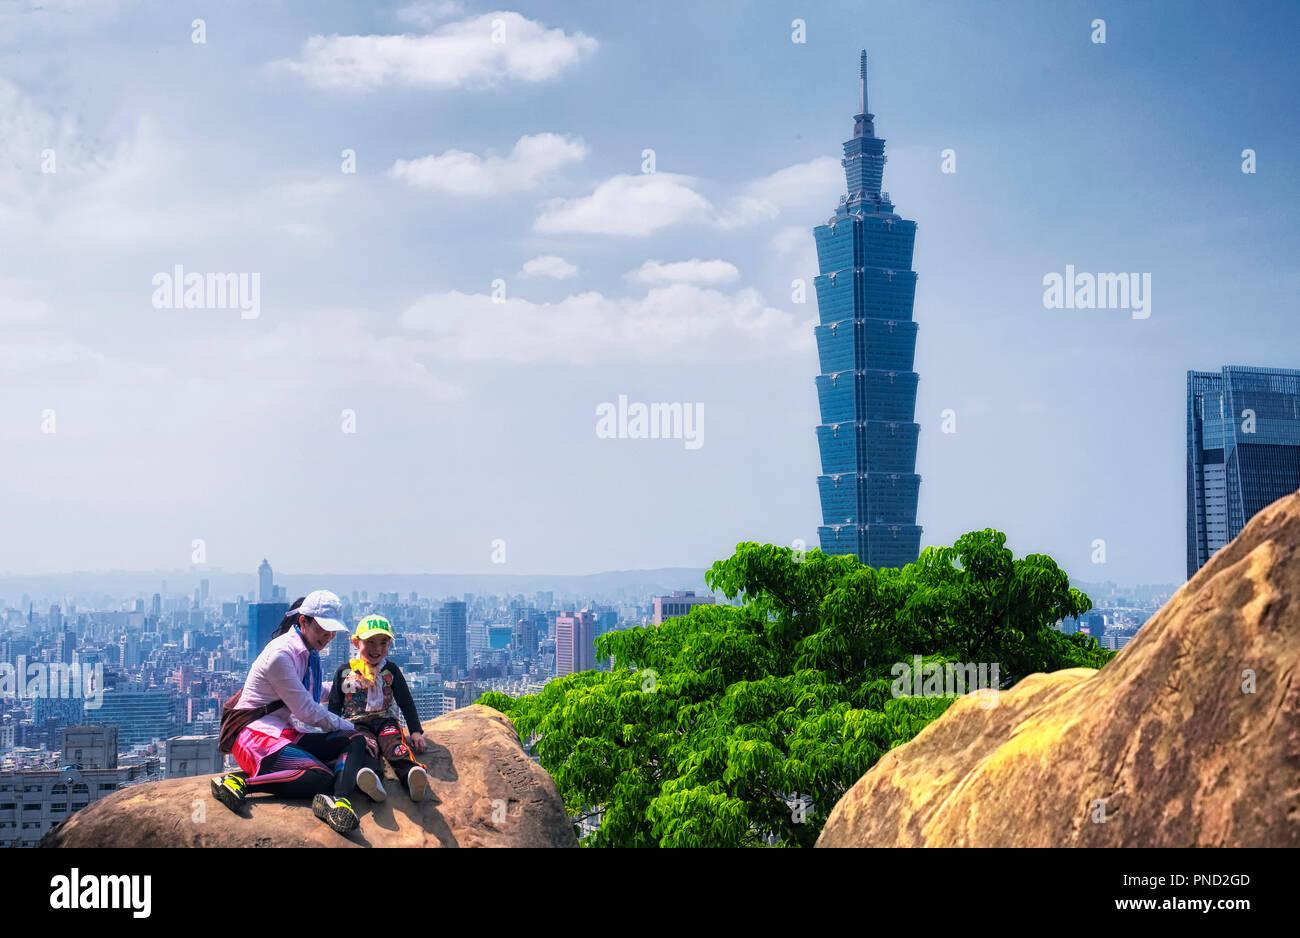 1 avril, 2018. Taipei, Taiwan. Une mère et sa fille qui posent sur des rochers avec Taipei 101 landmark building s'élevant au-dessus de la ville à l'architecture générique Photo Stock